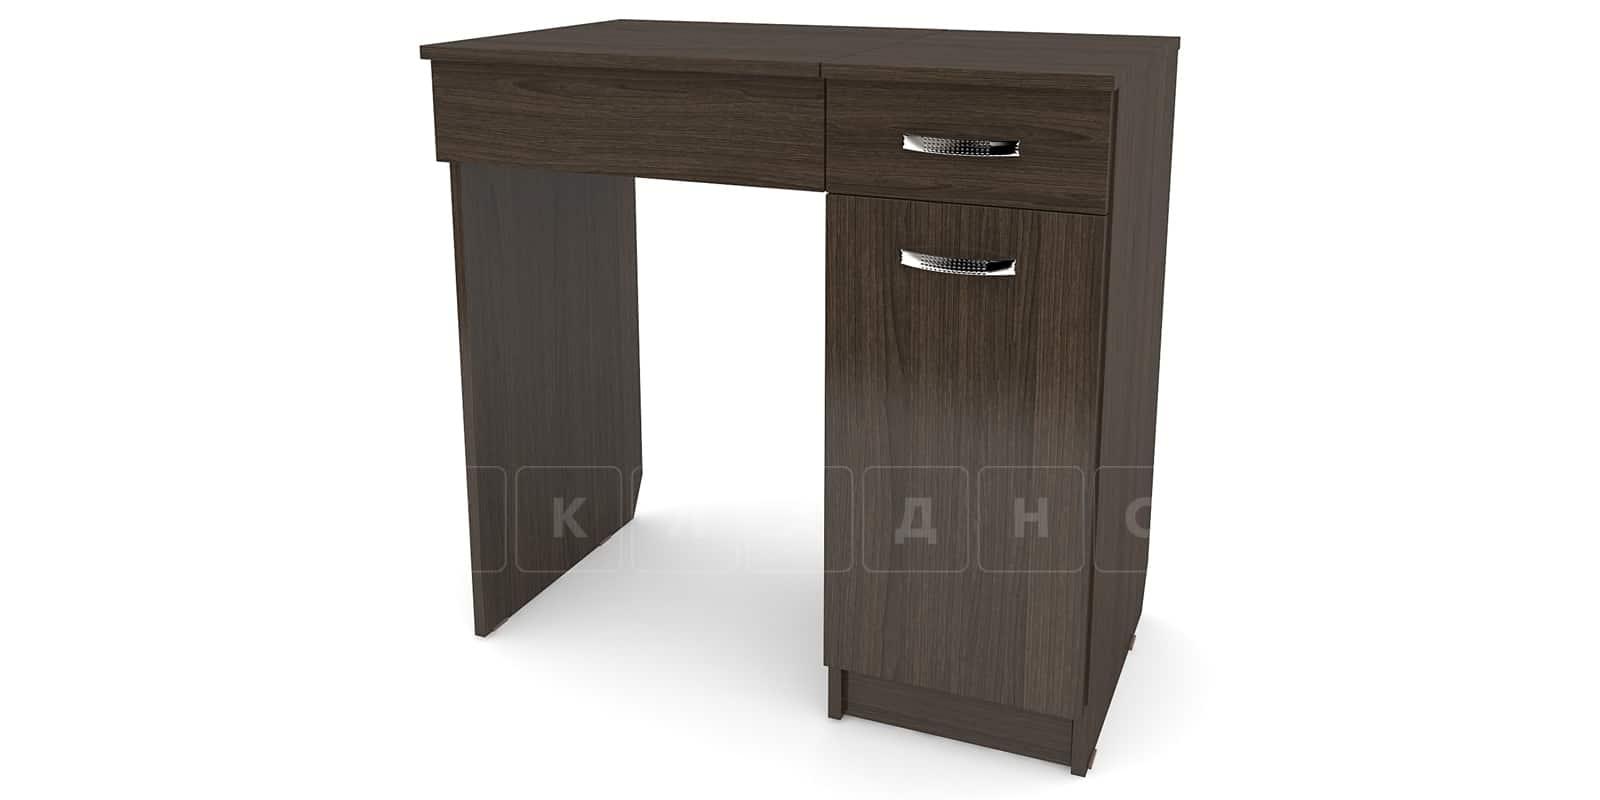 Туалетный столик портофино с дверцей правый фото 2 | интернет-магазин Складно